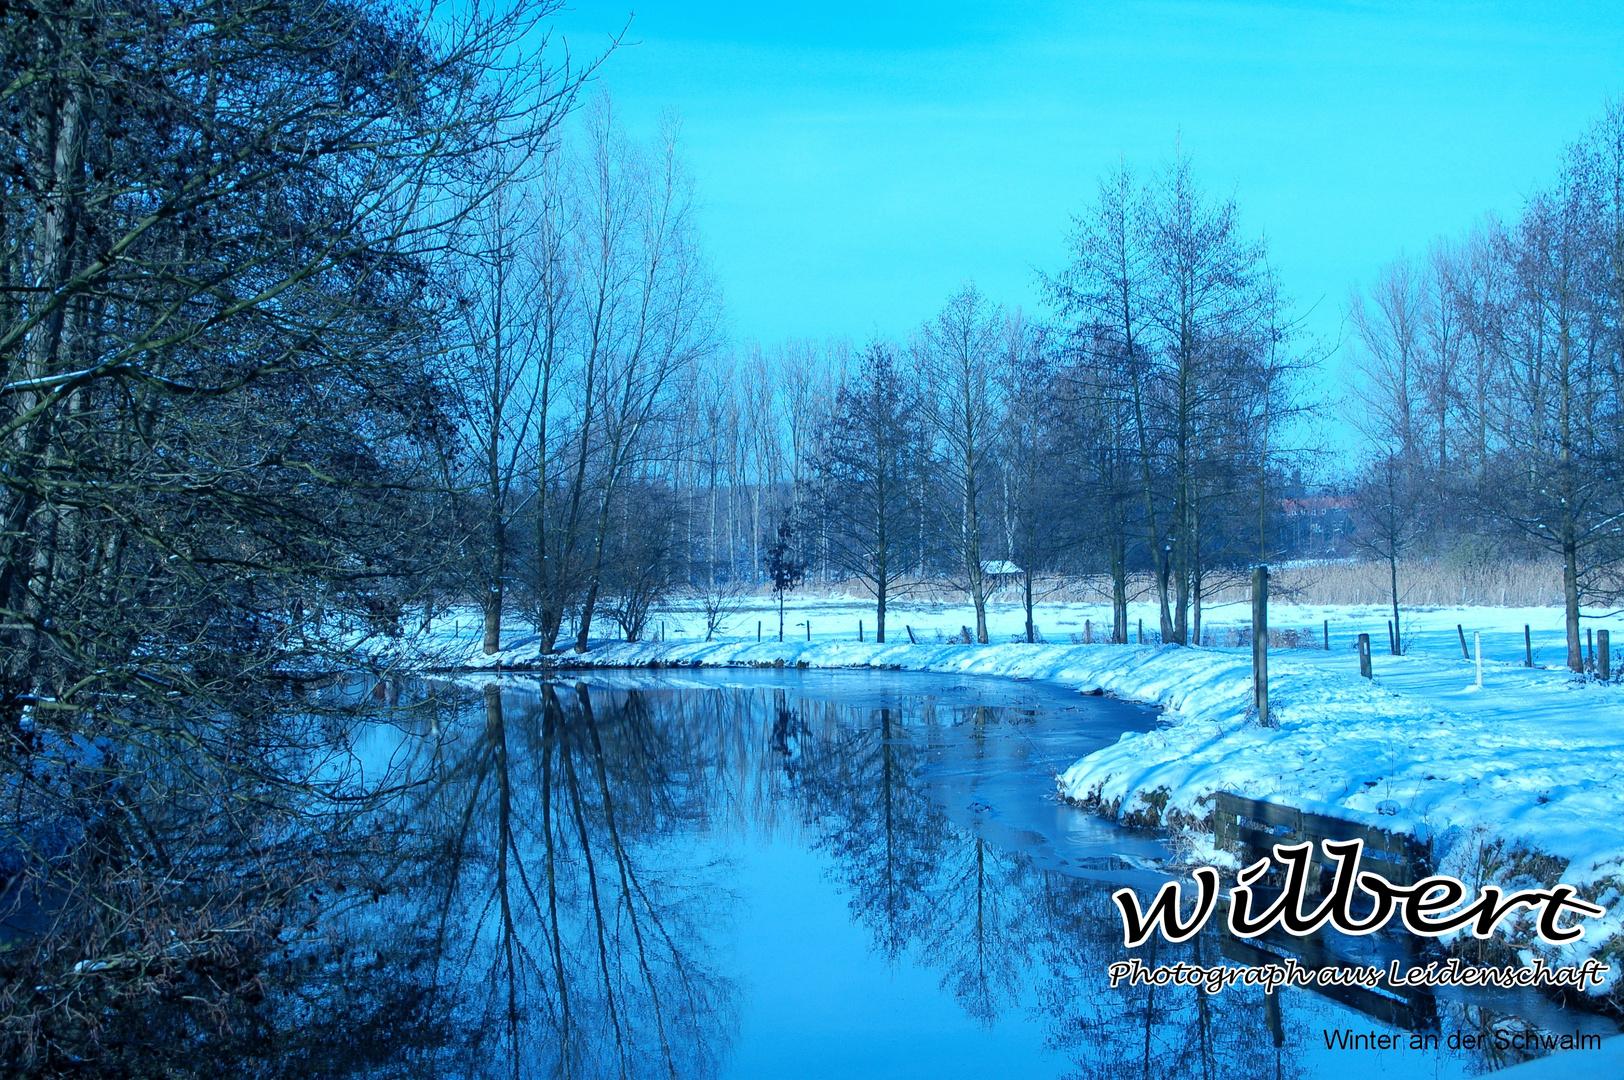 Winter an der Schwalm